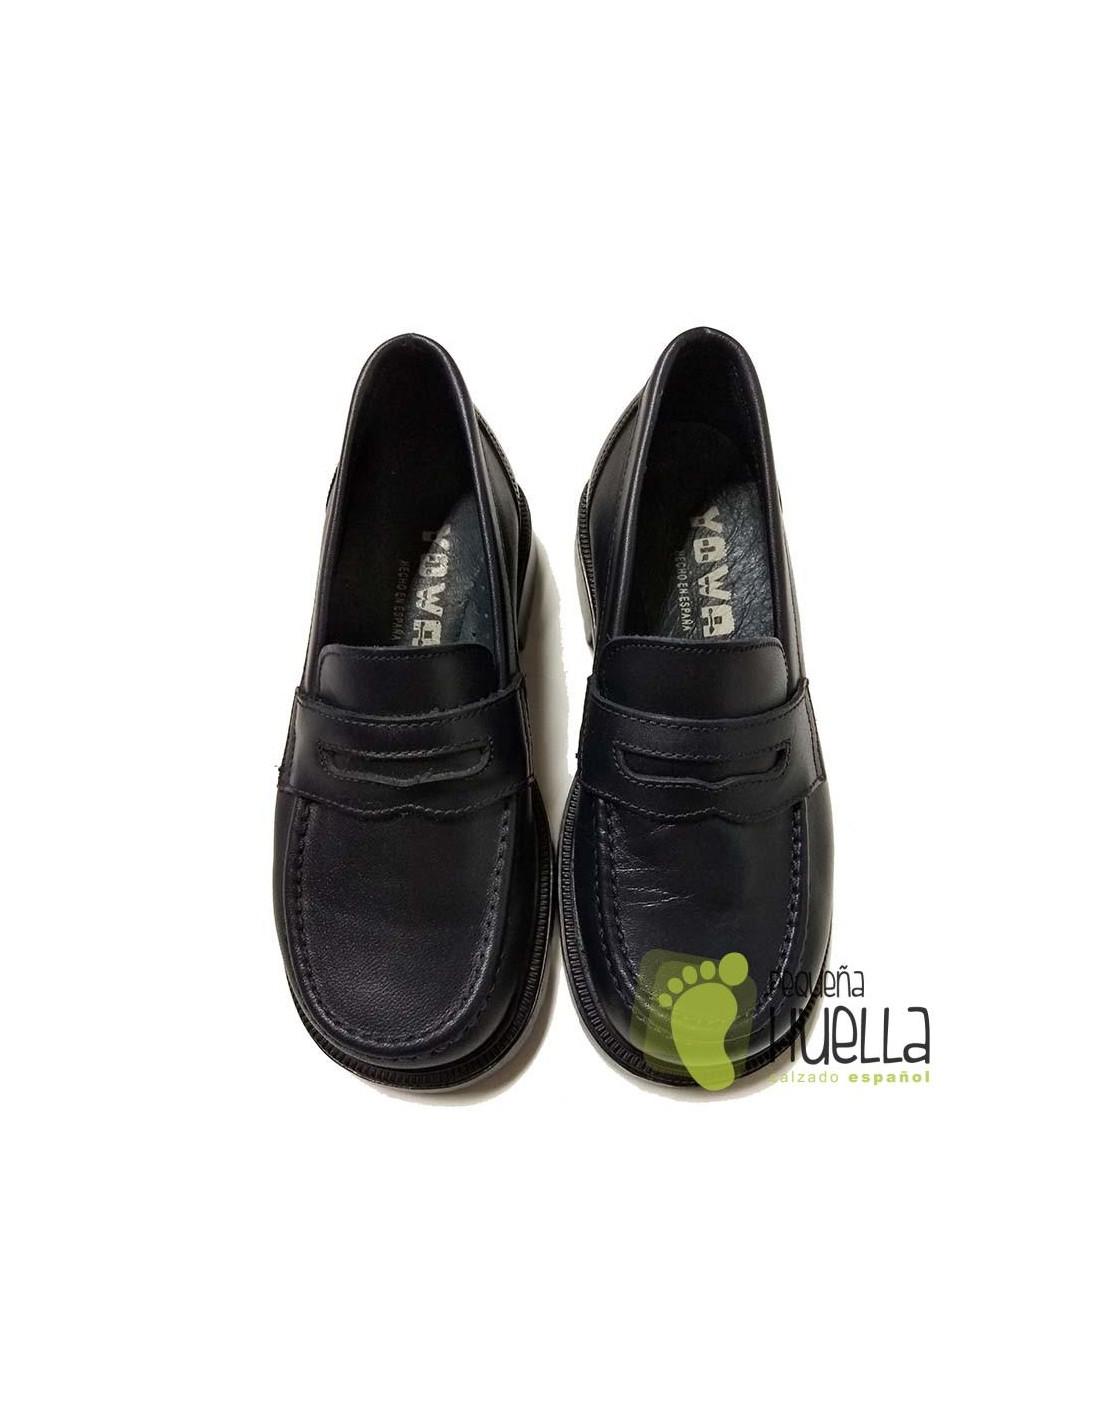 b869d5c0 Comprar Zapatos Mocasines de niños para el colegio baratos en Madrid